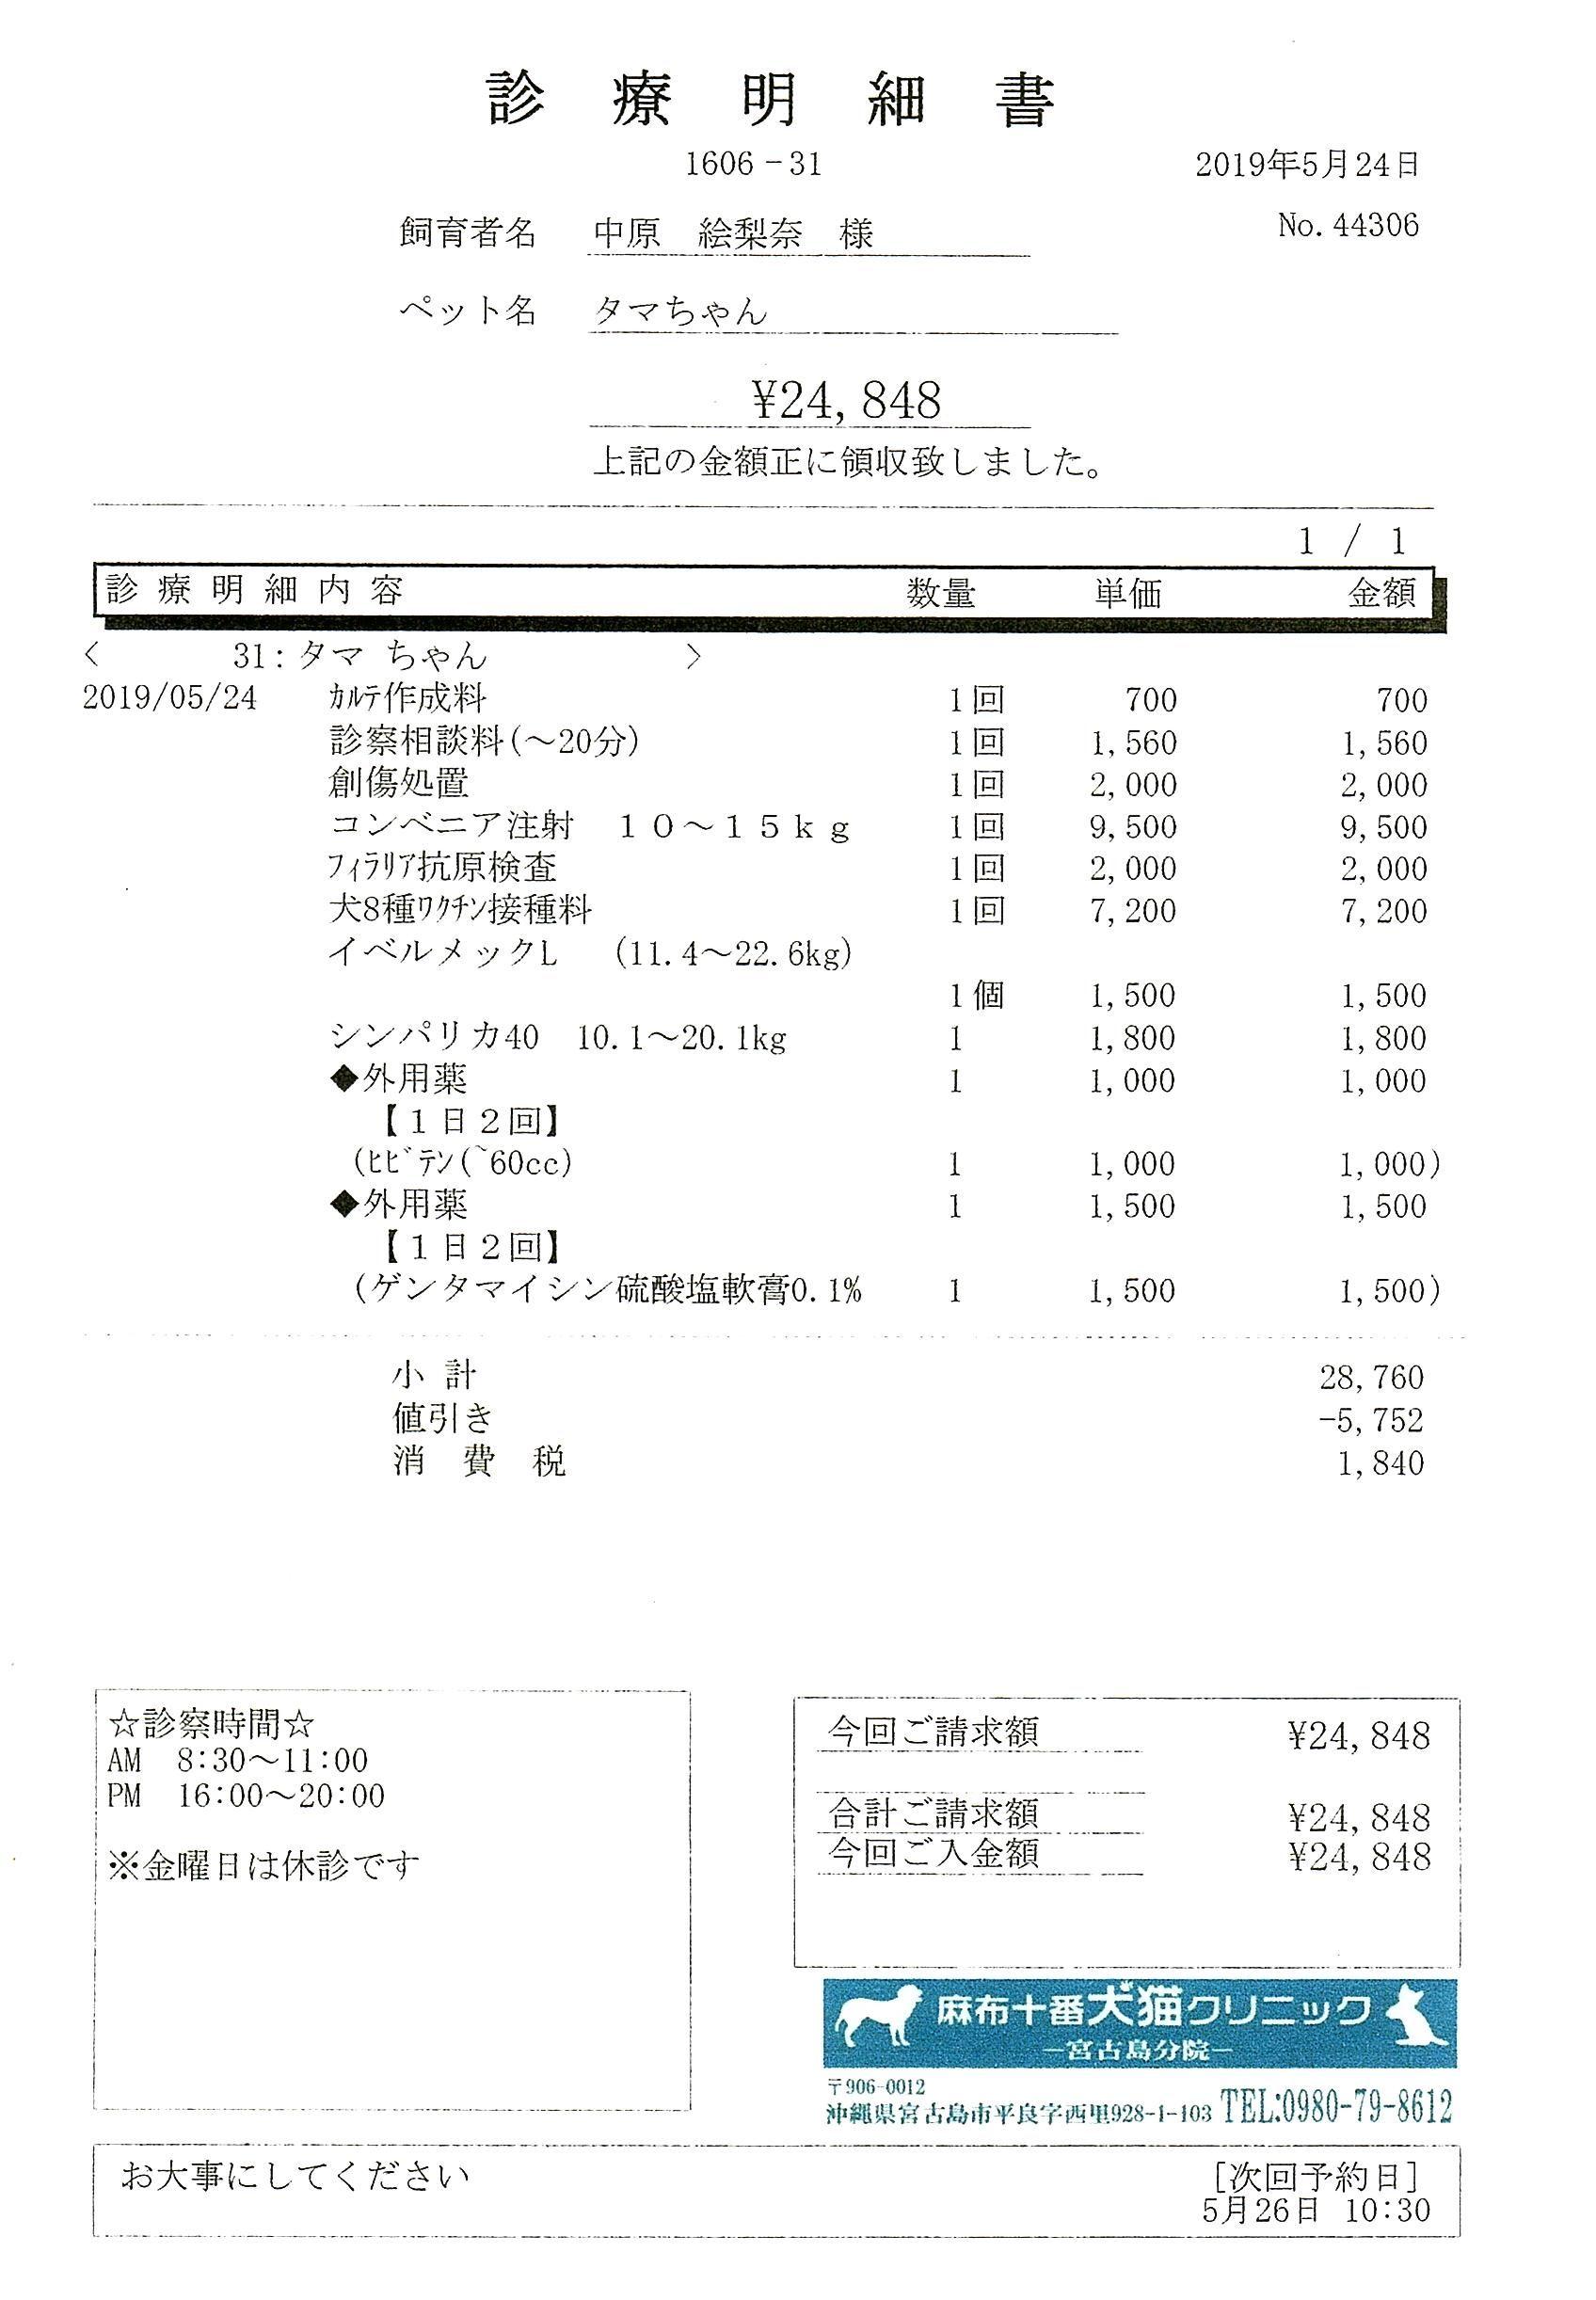 タマ診療明細1